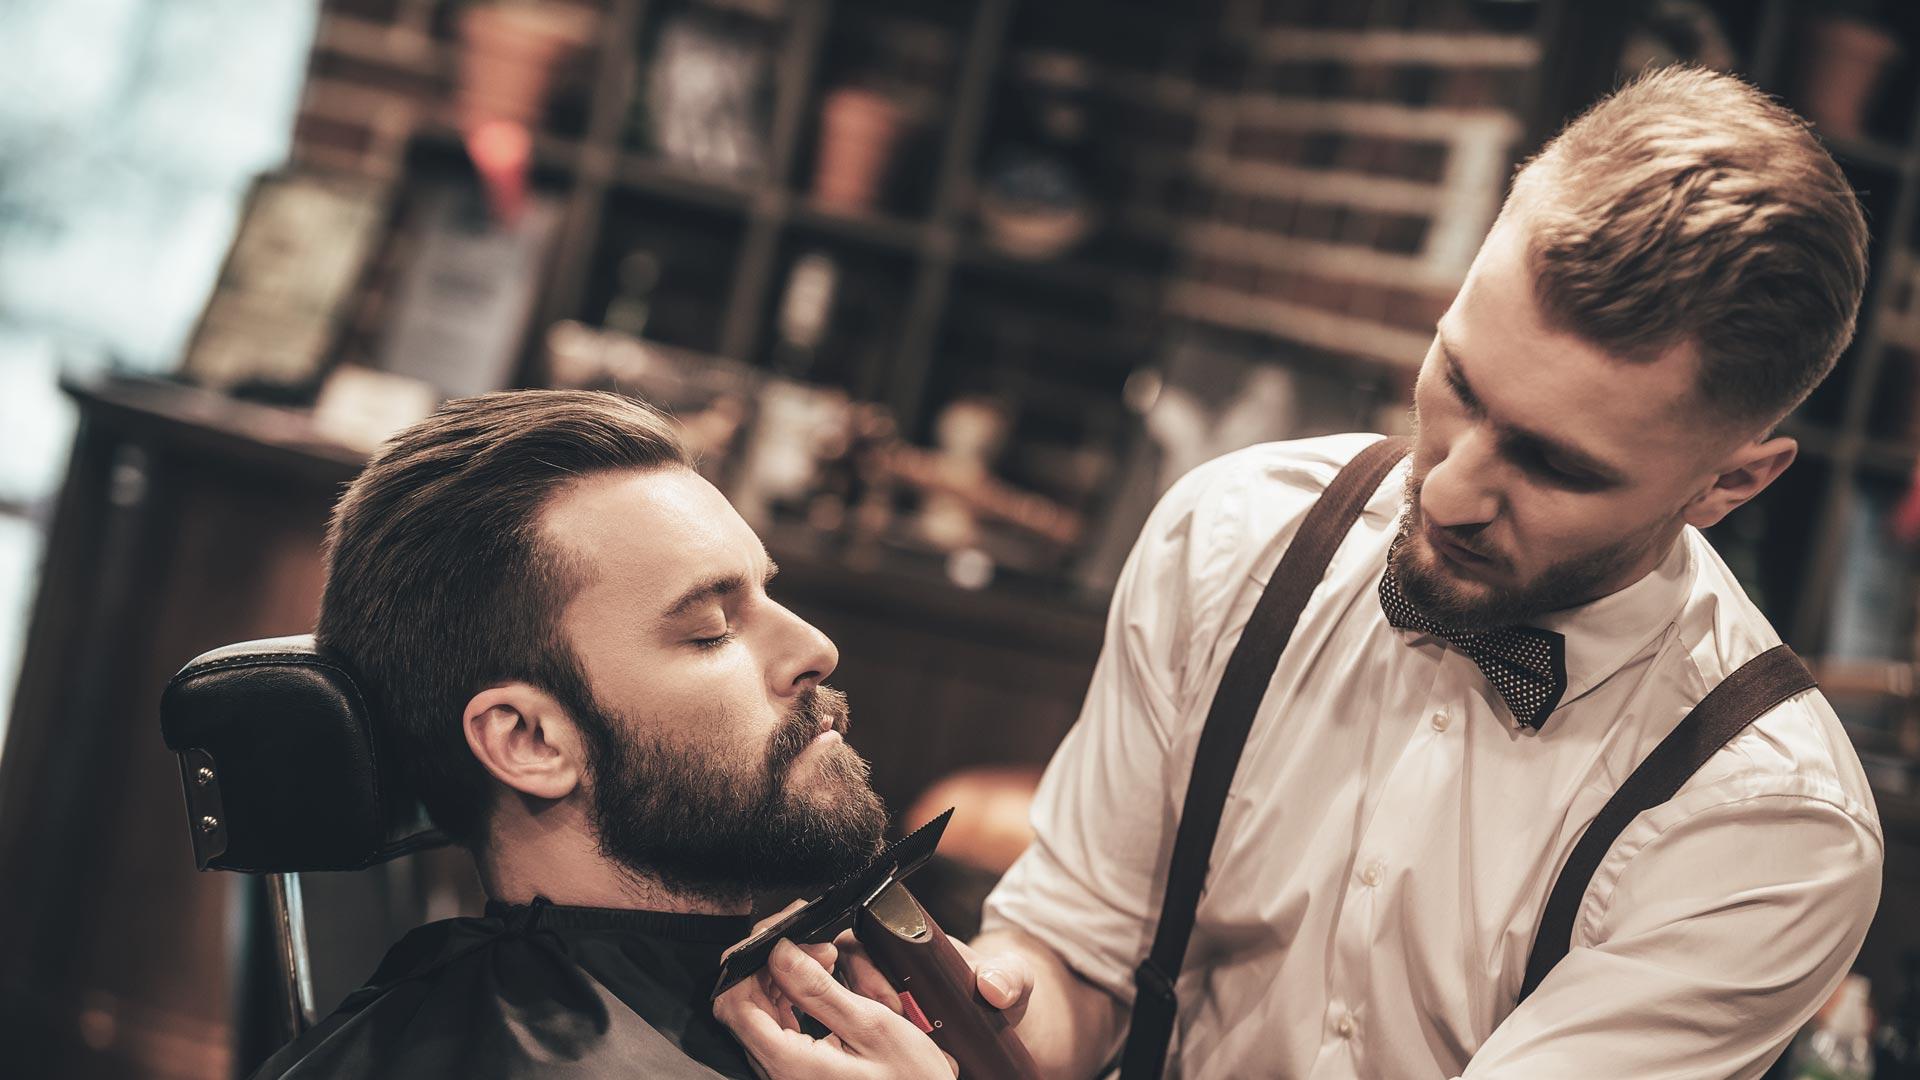 Visita ao barbeiro.